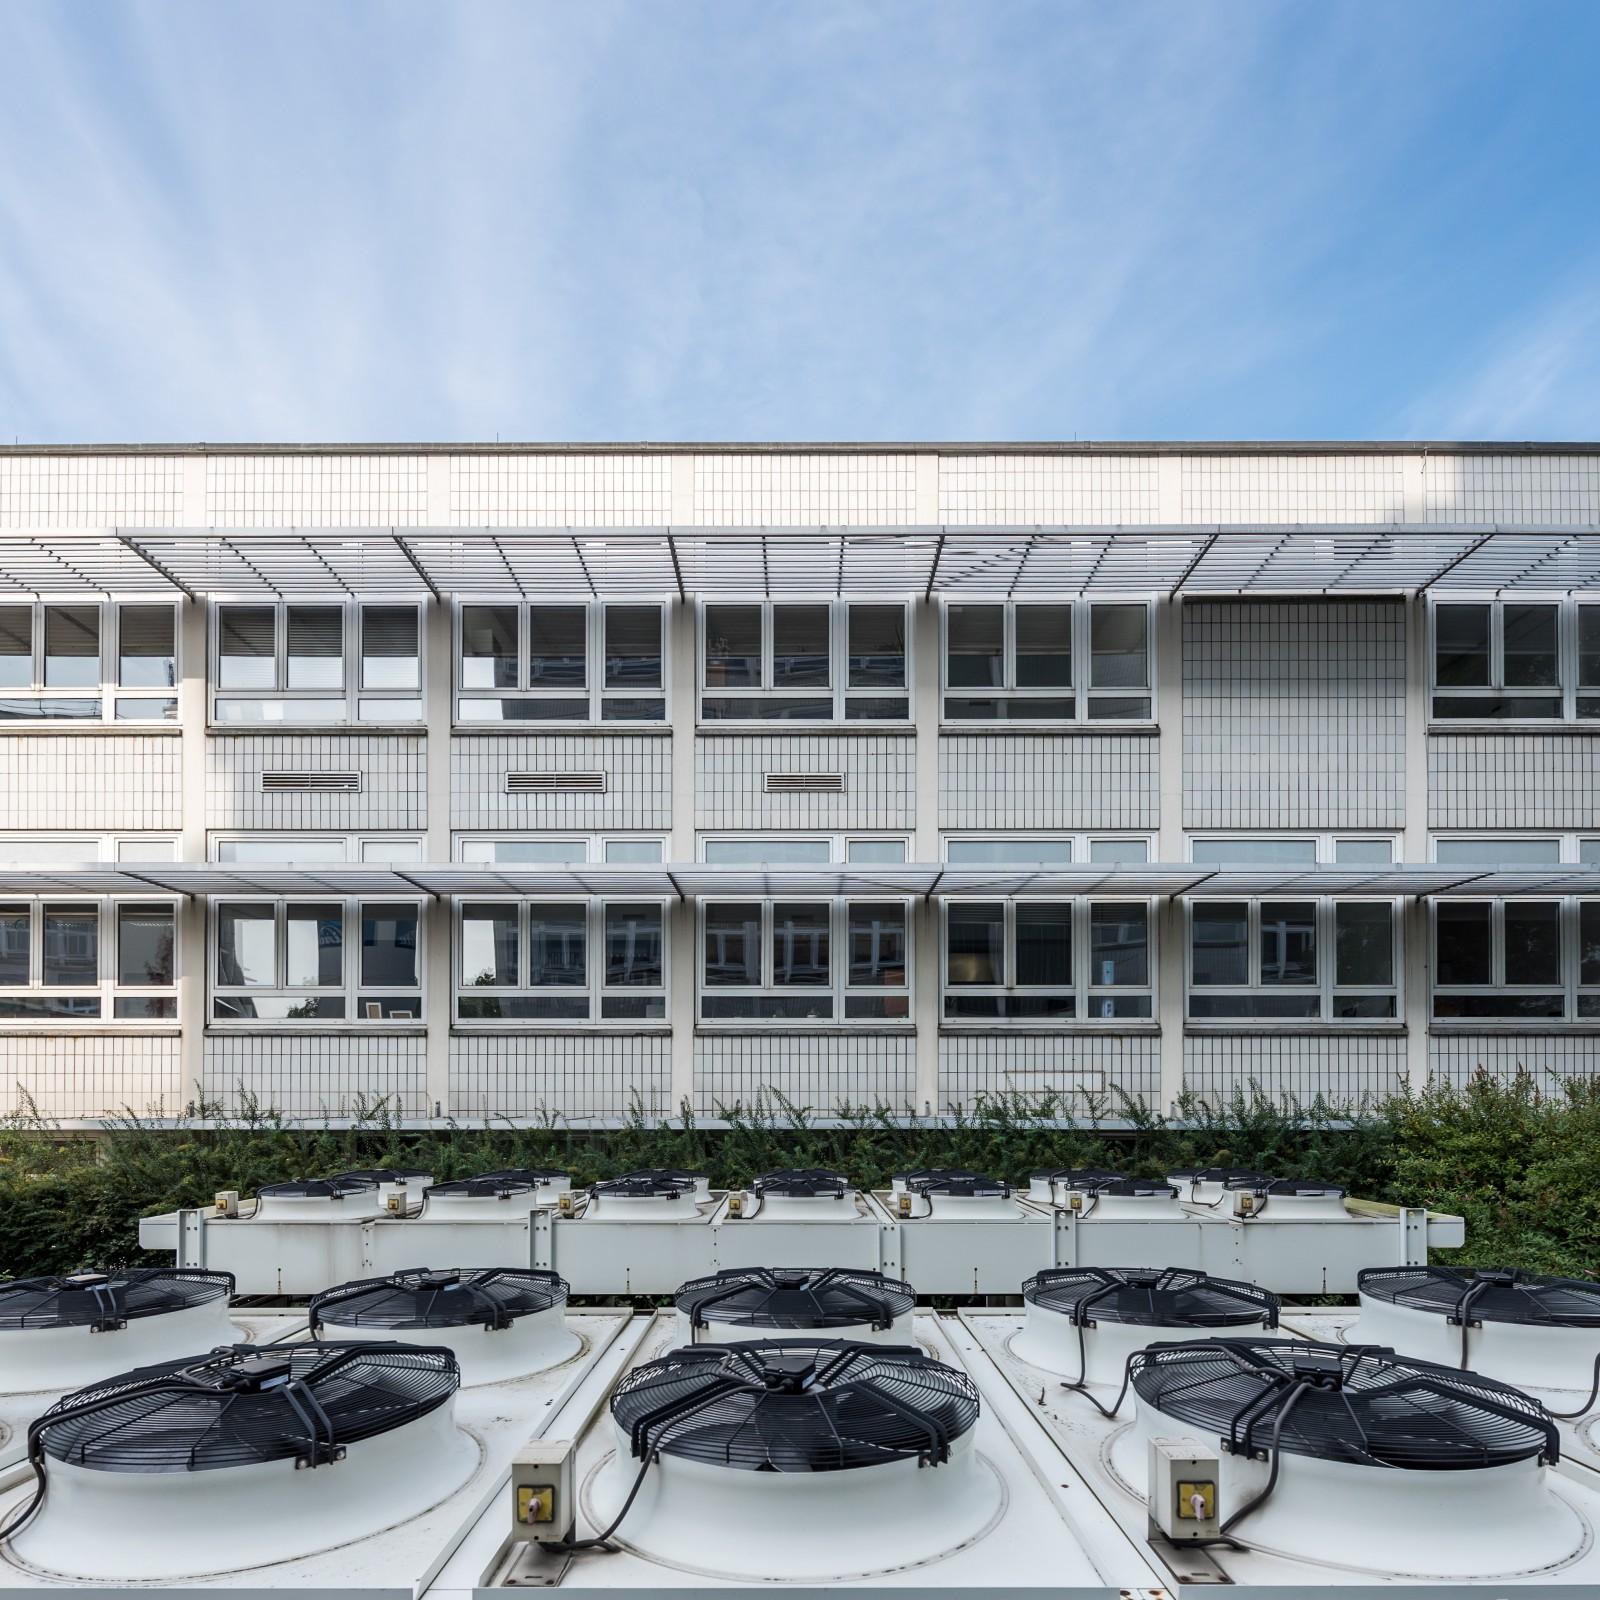 umbau-bestand-uni-hamburg-fachbereich-chemie-Institut-fuer-biochemie-und-molekularbiologie-ansicht-detail